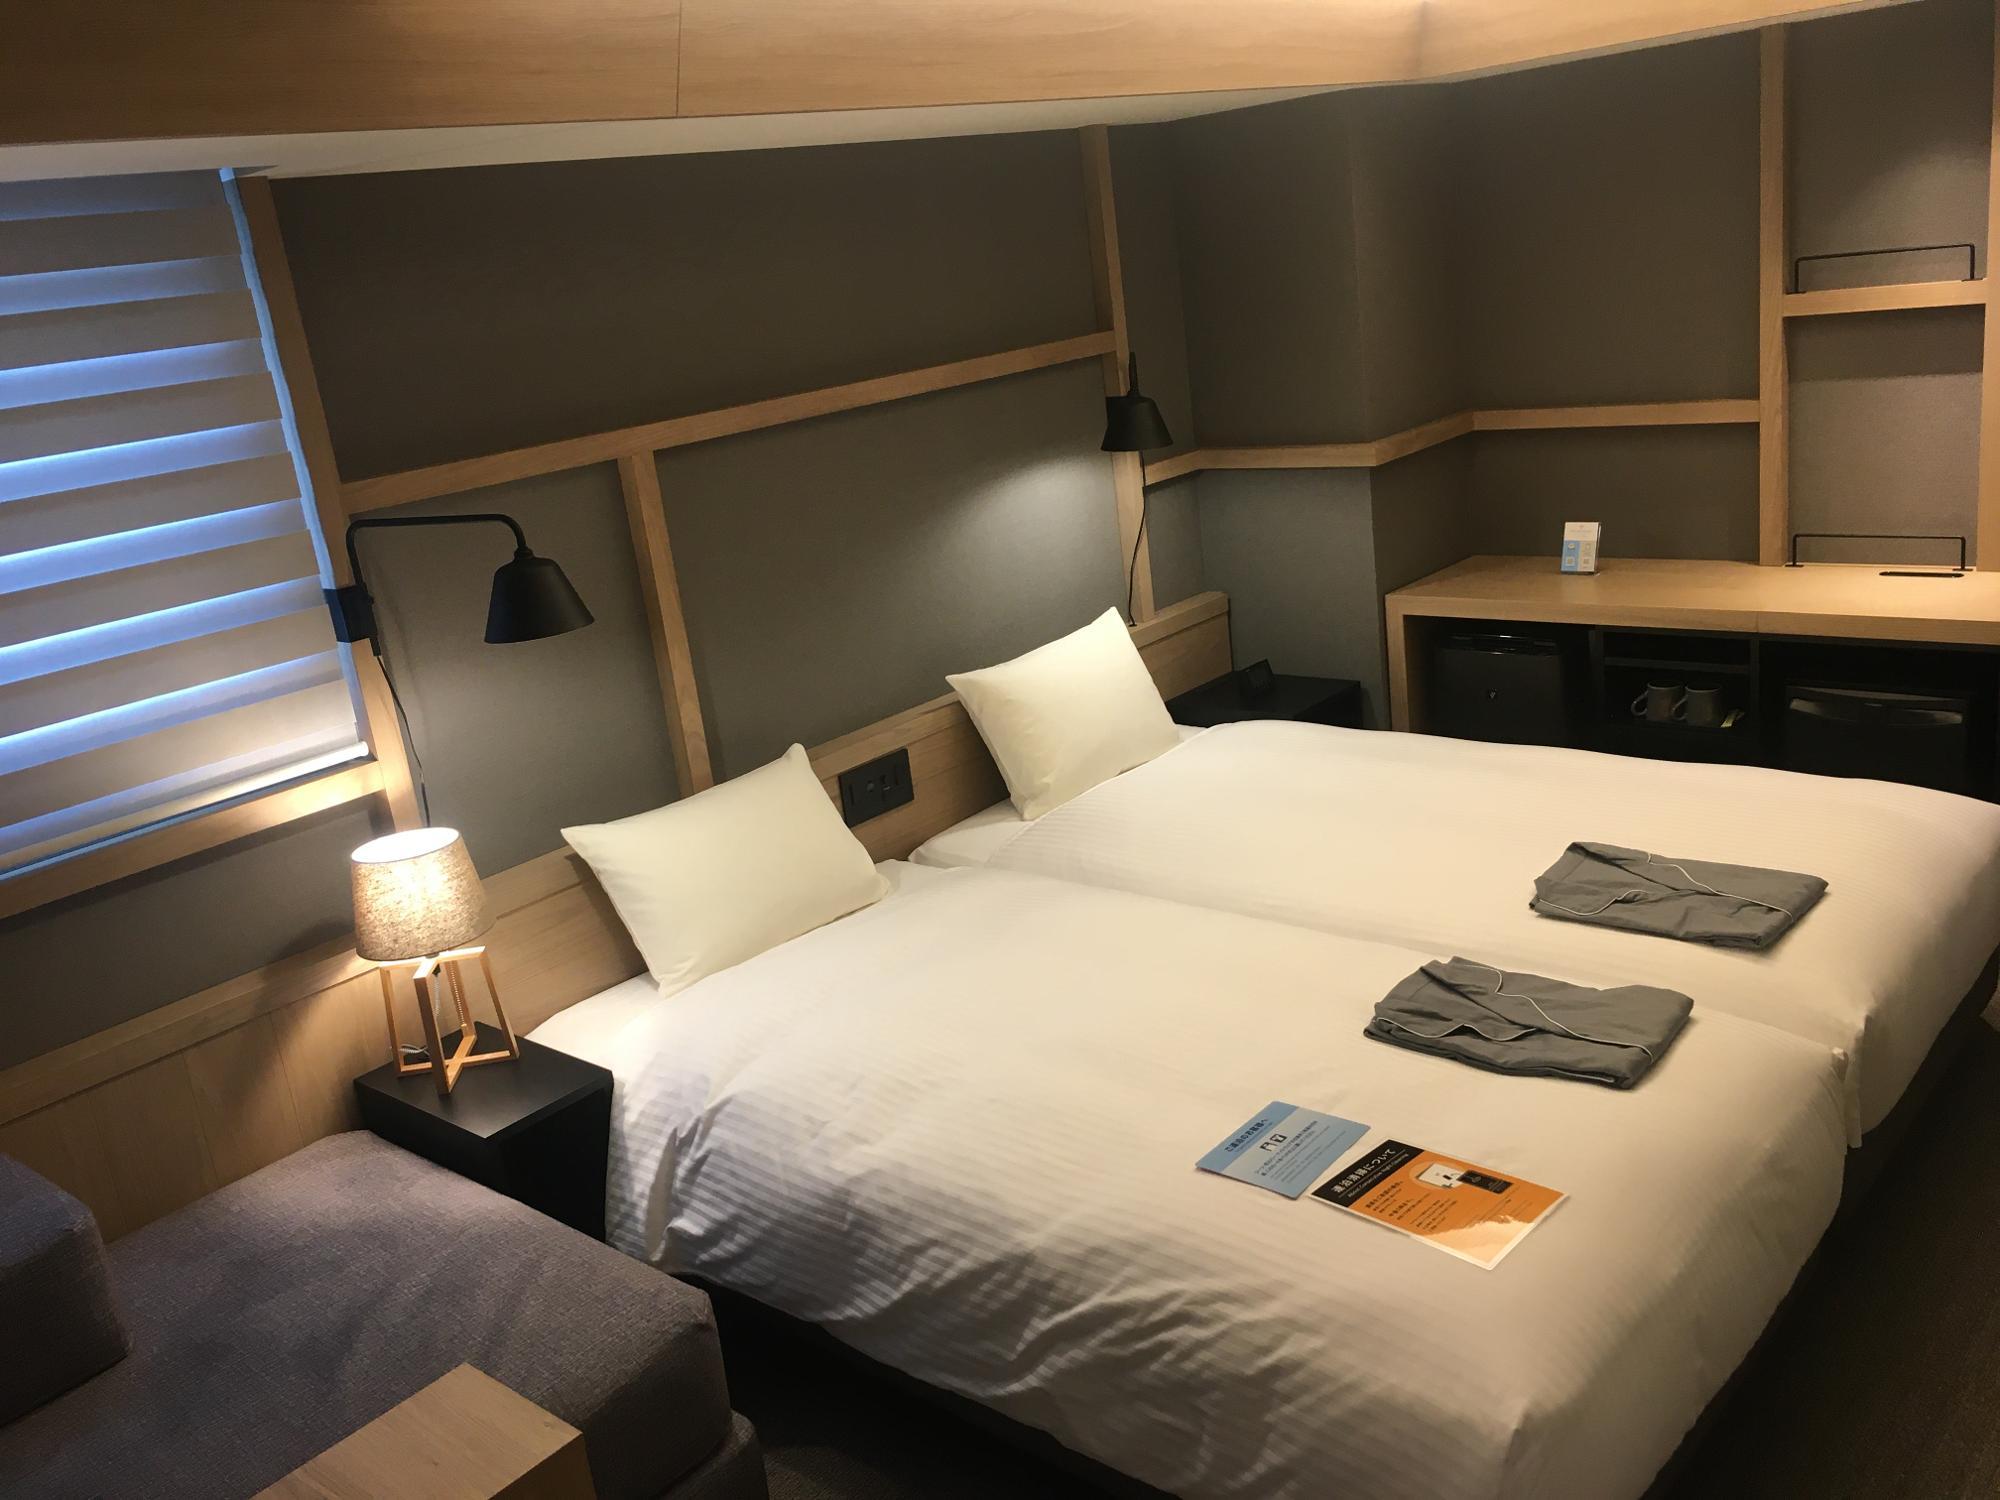 モデレートツインルーム。木の格子がアクセントになっているシンプルな客室